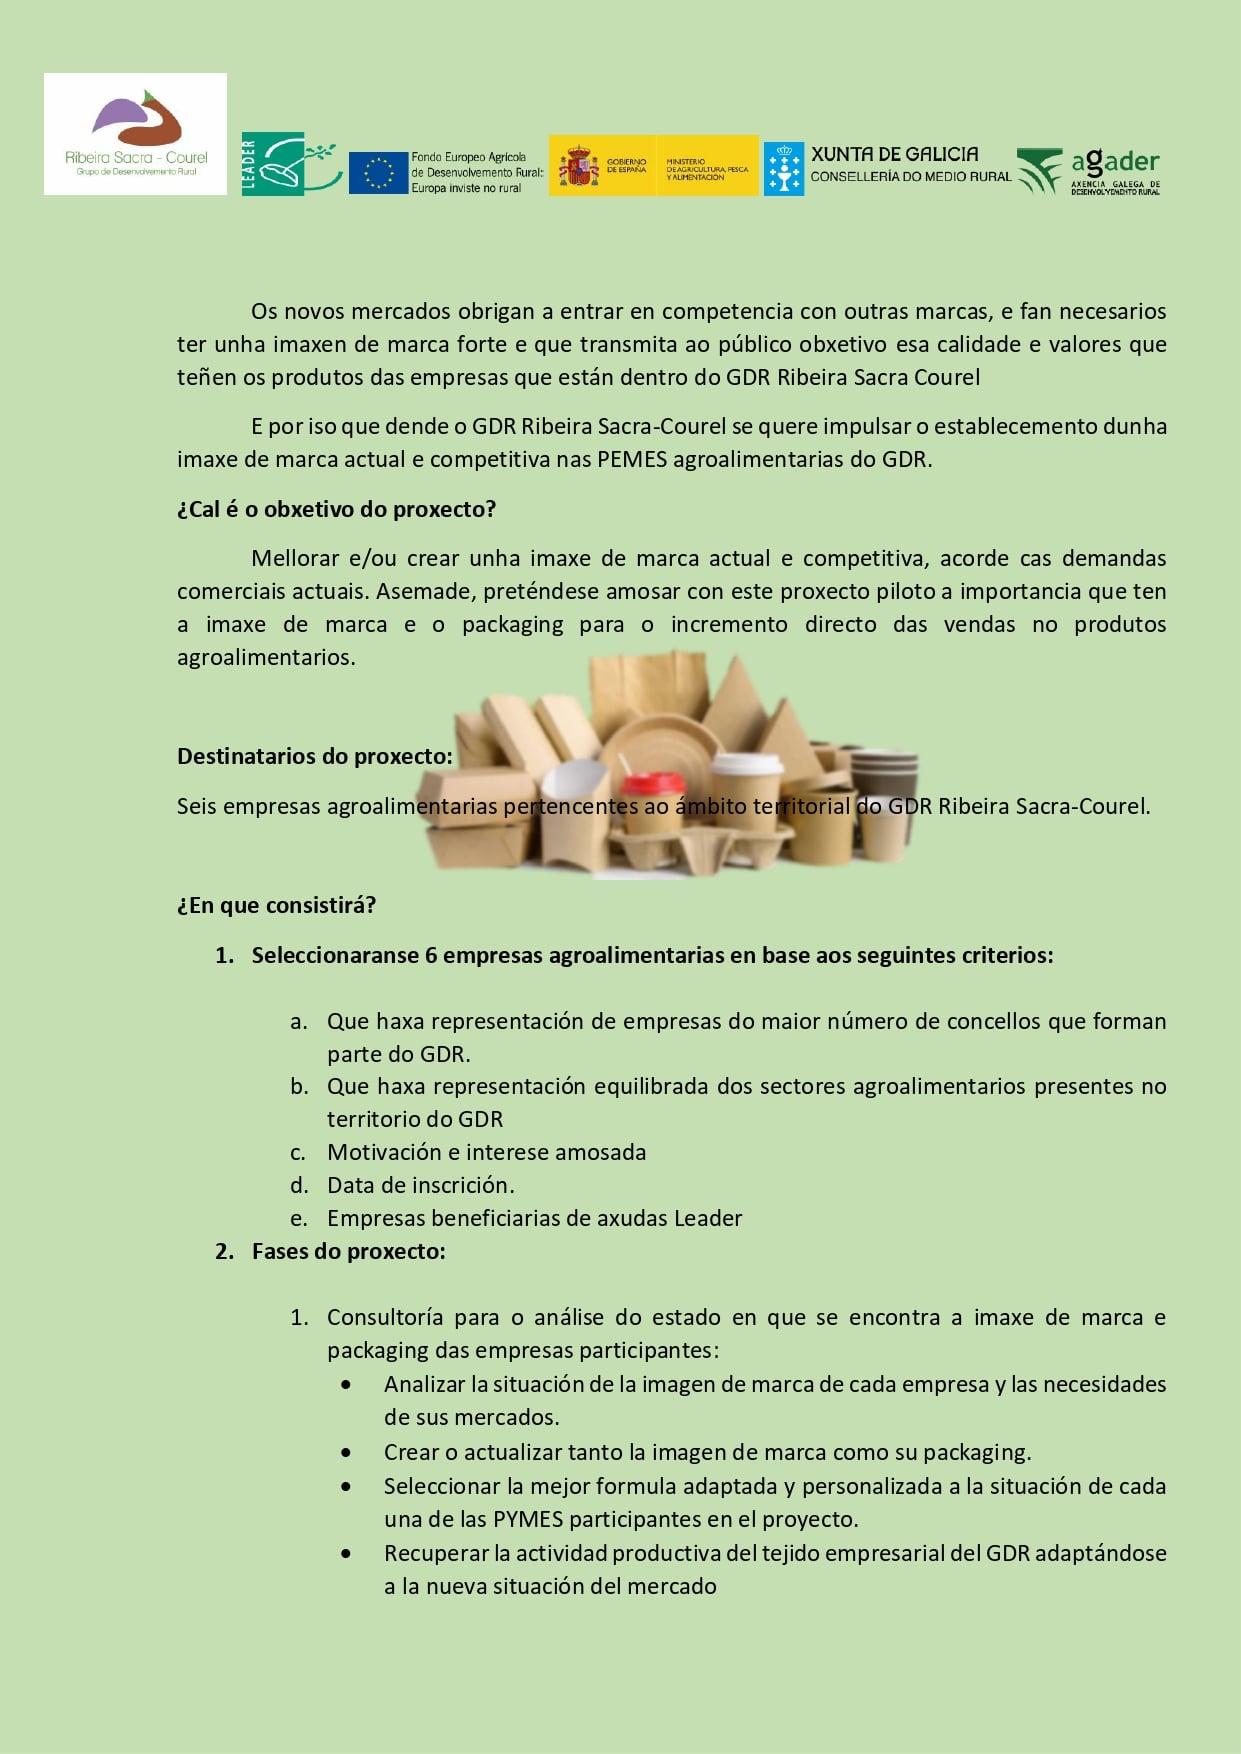 Proyecto de impulso de la imagen de marca y packaging de las pymes. Página 2